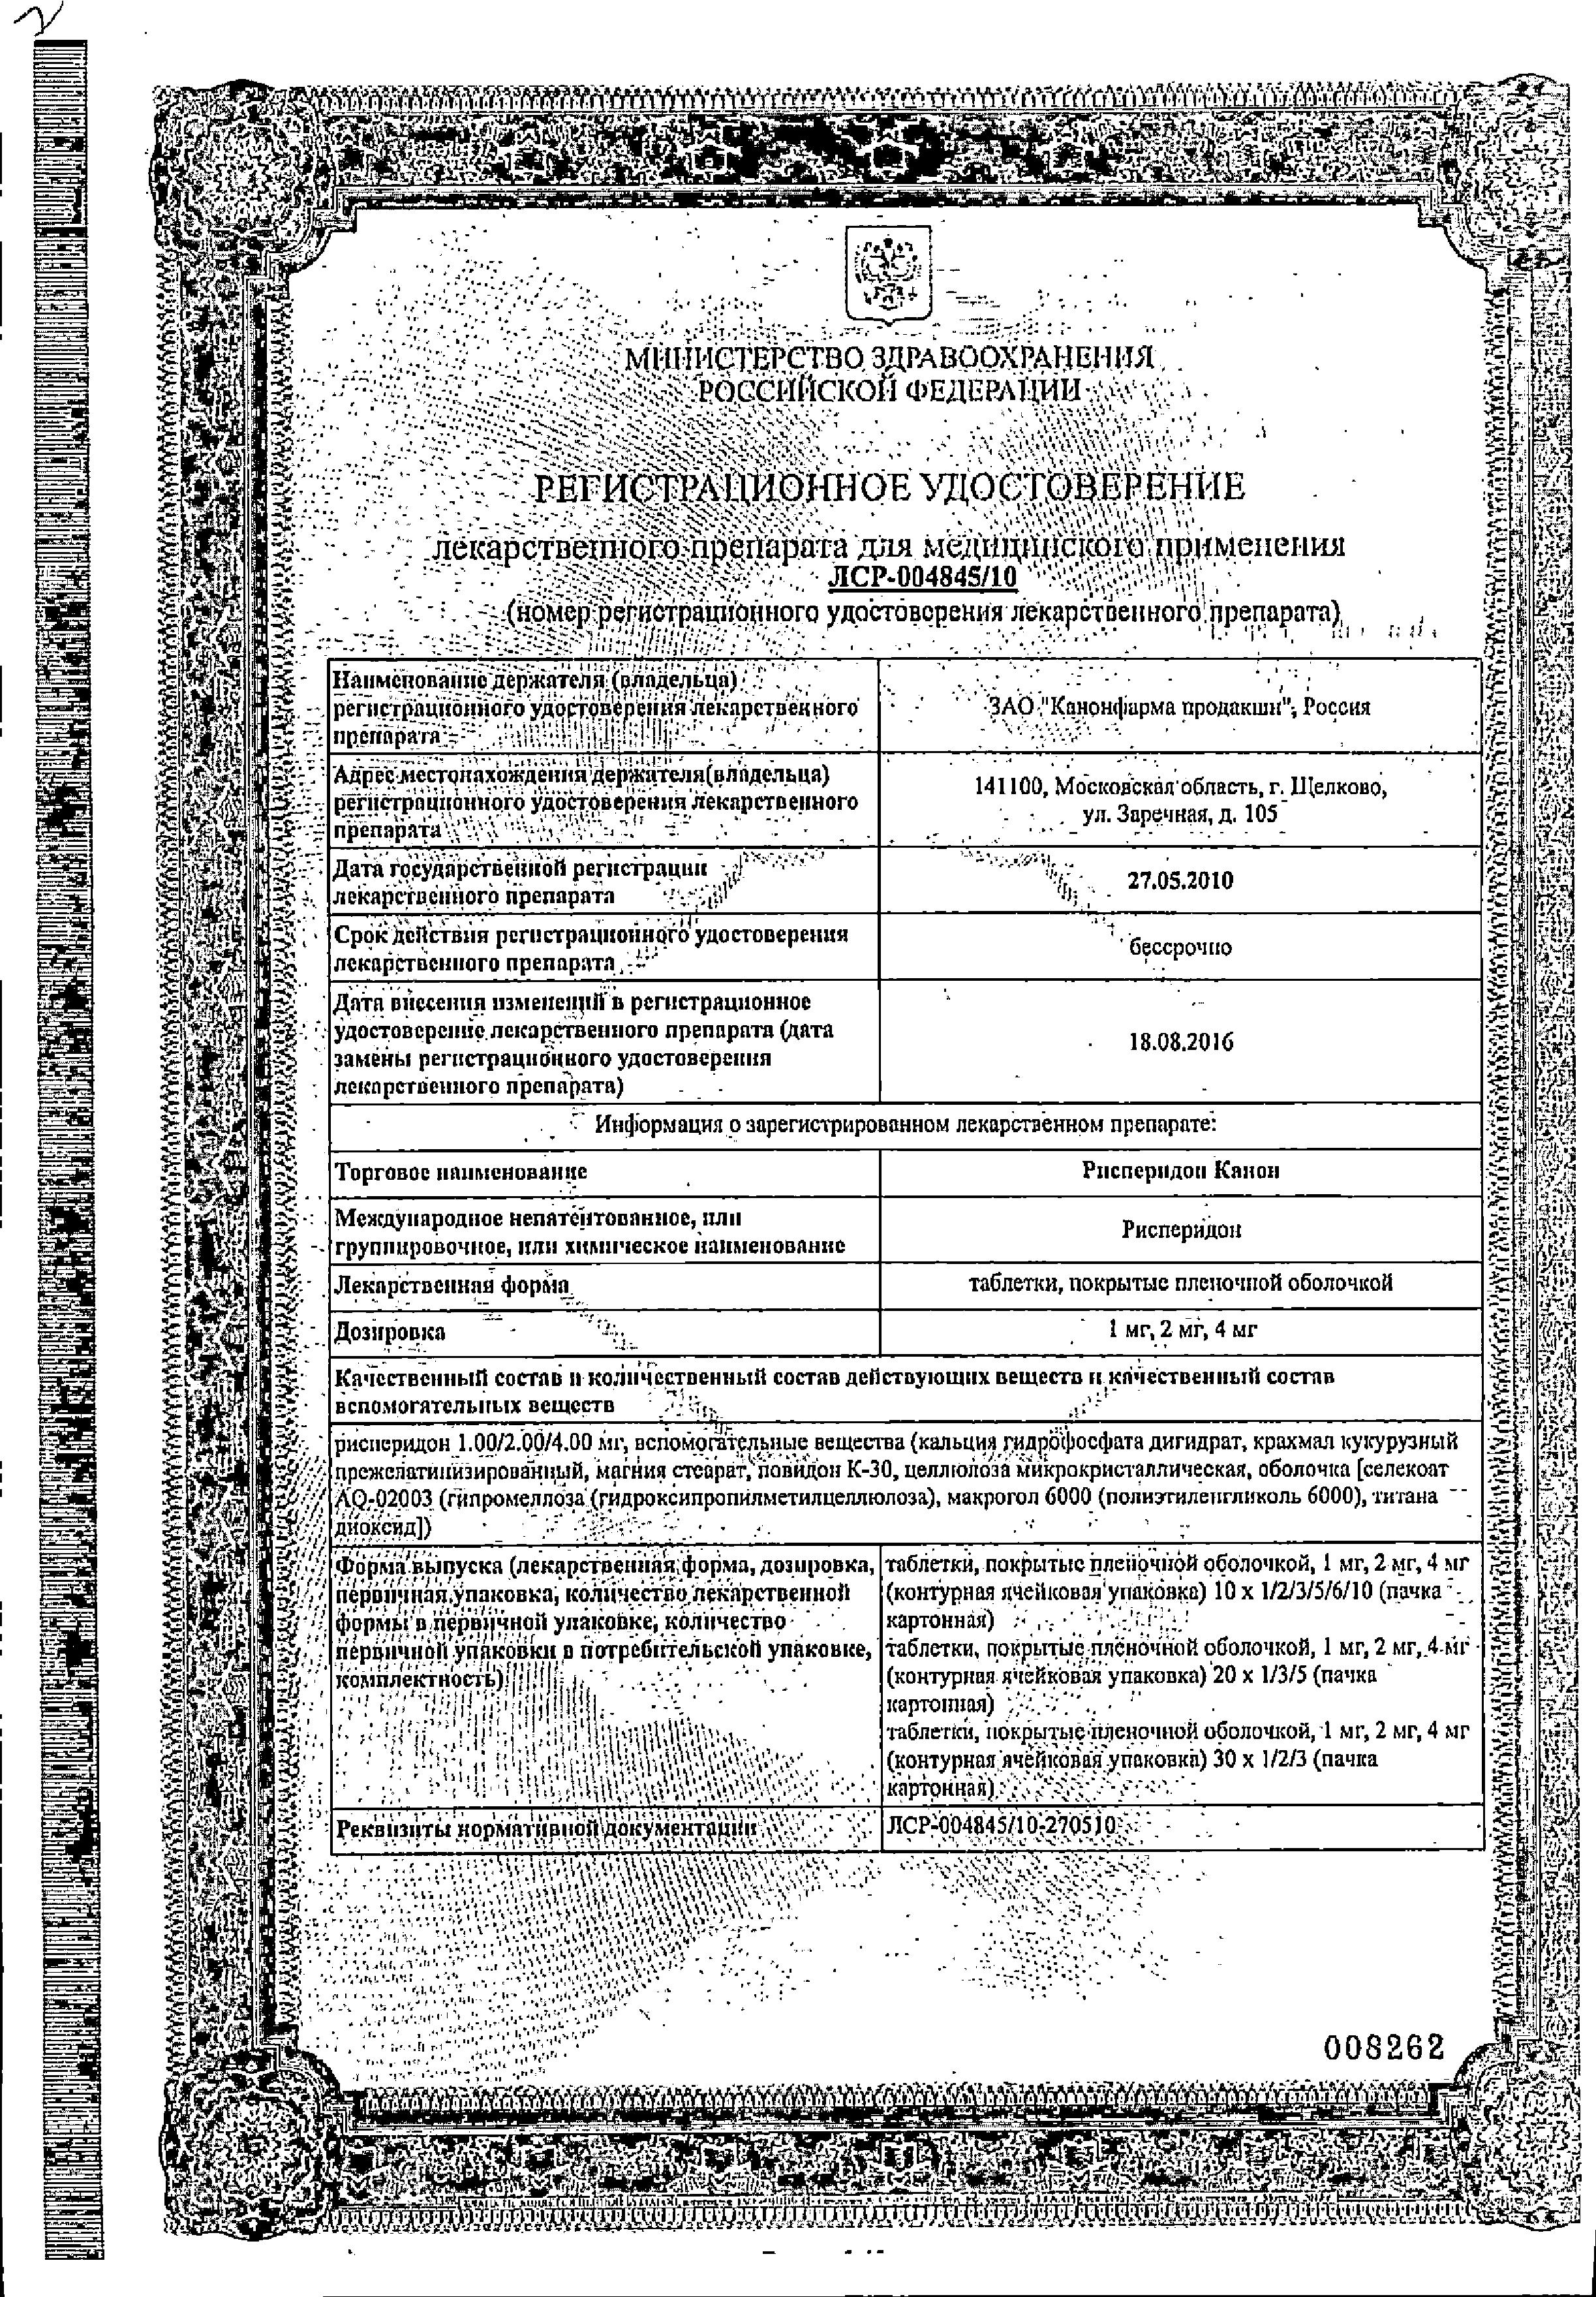 Рисперидон Канон сертификат